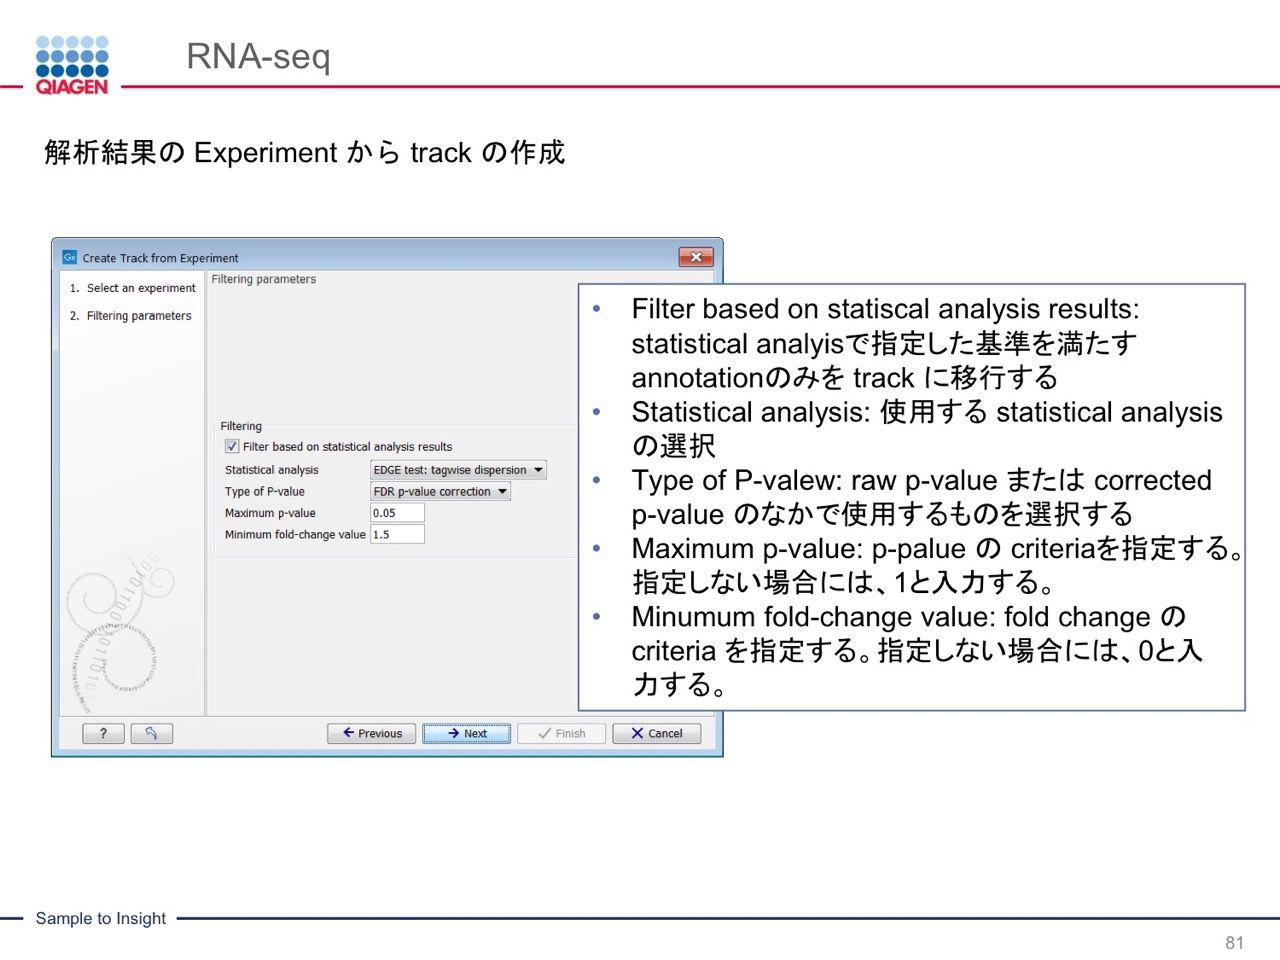 images/AJACSa2_miyamoto_081.jpg